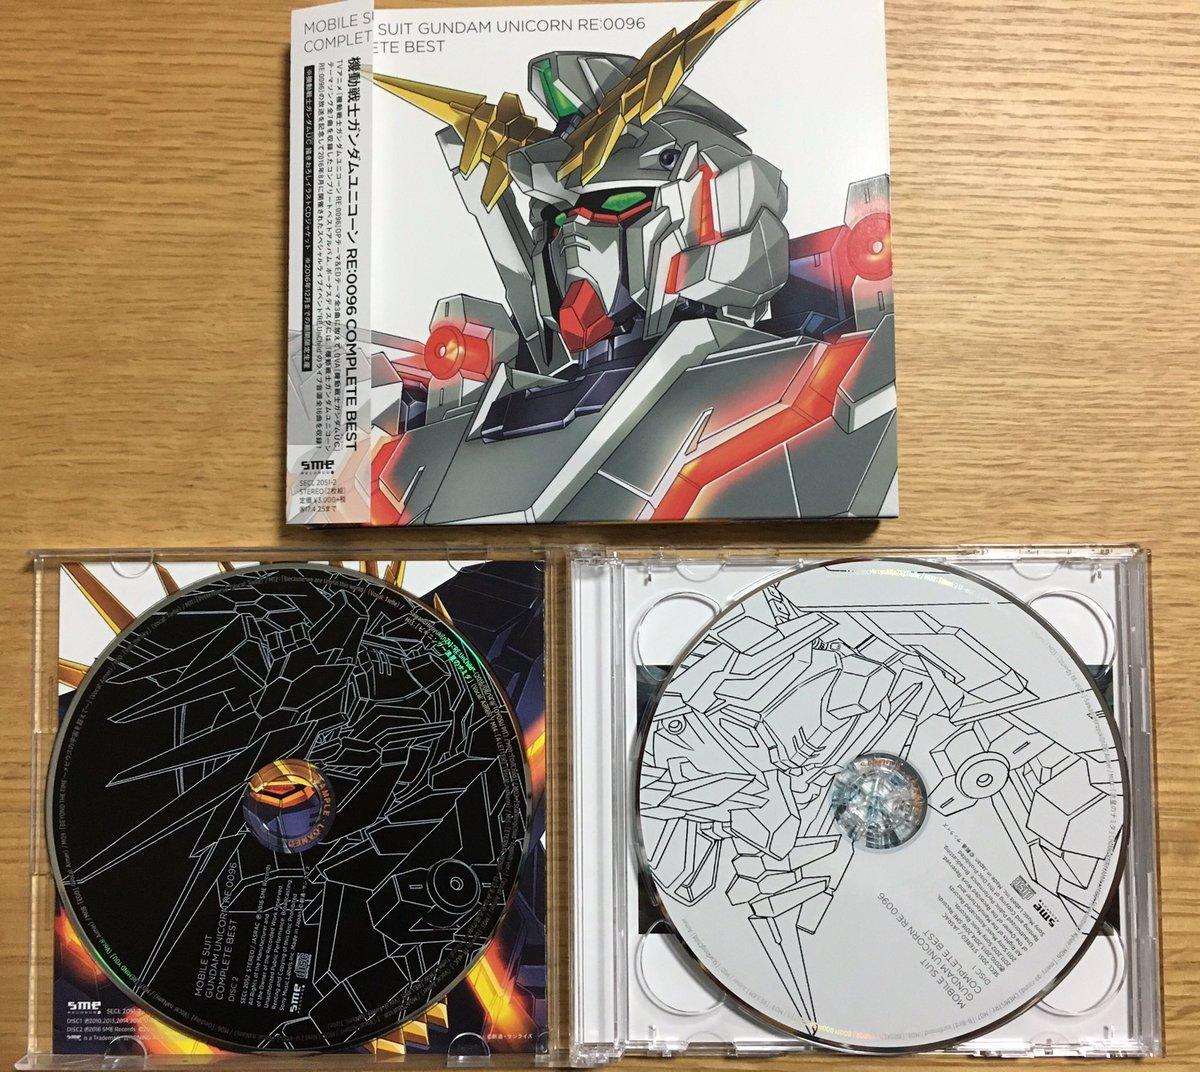 来週26日発売の「機動戦士ガンダムユニコーン RE:0096 COMPETE BEST」のサンプルが届きました!DISC